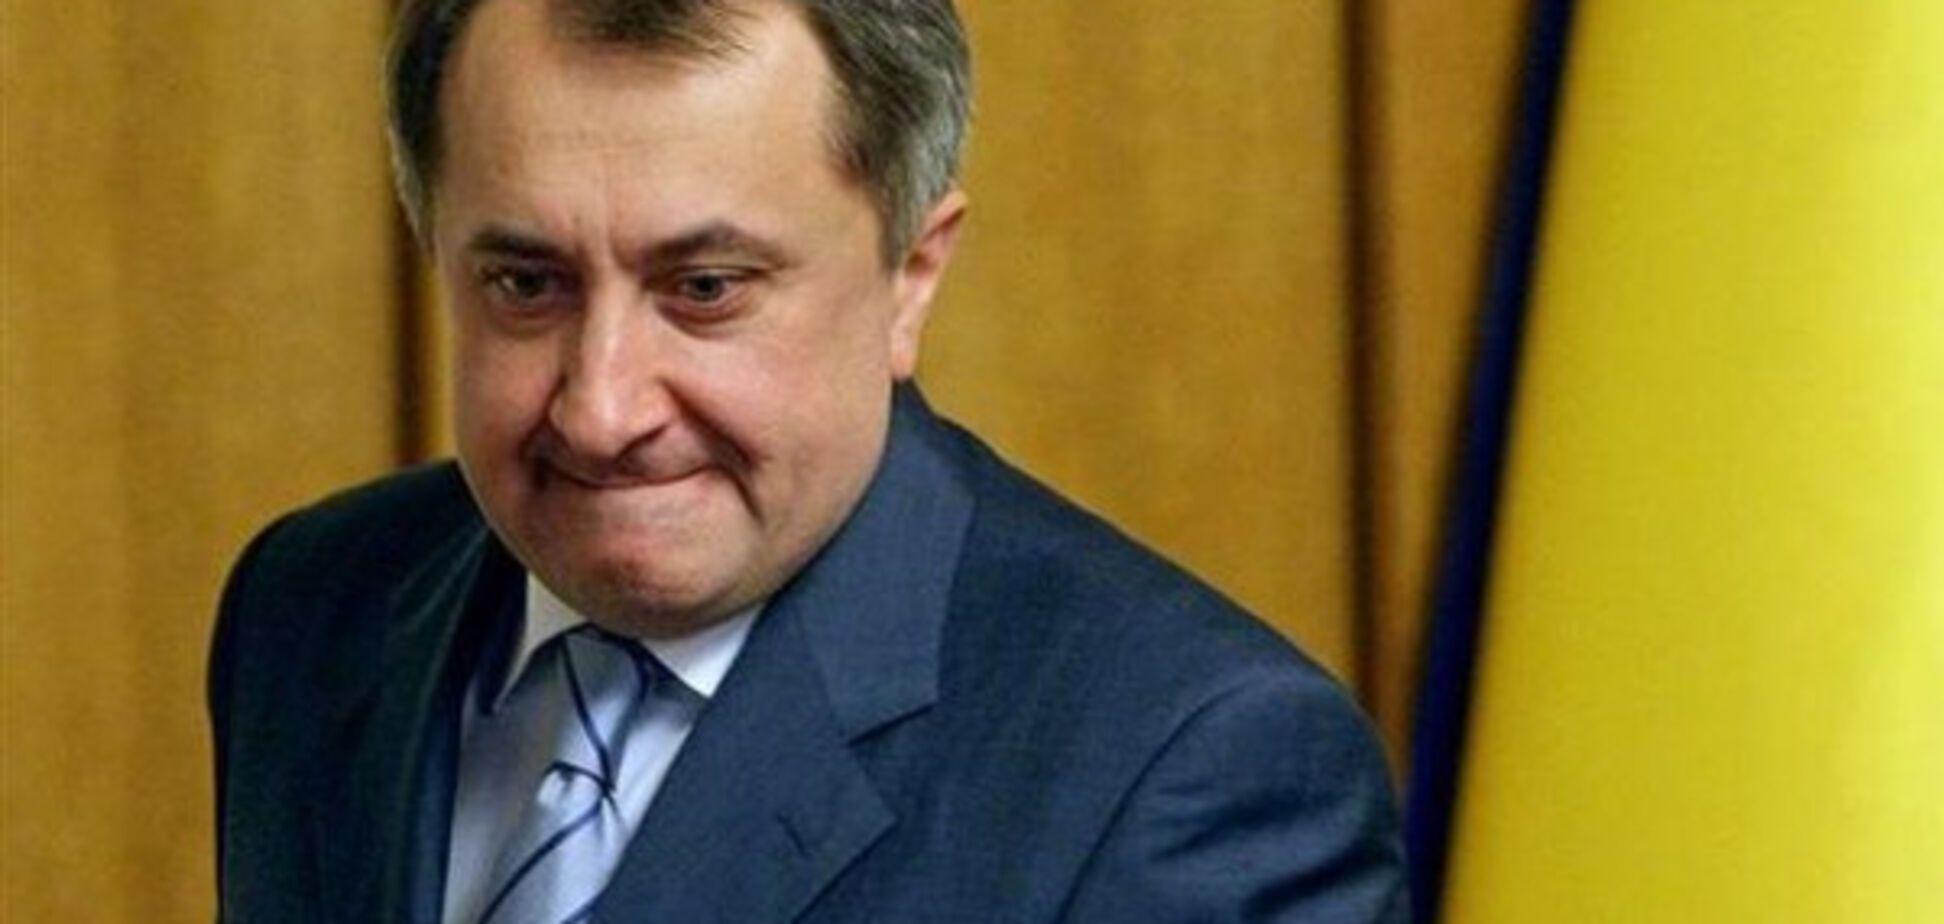 Арбузовские узы: у Данилишина нашлись странные соратники